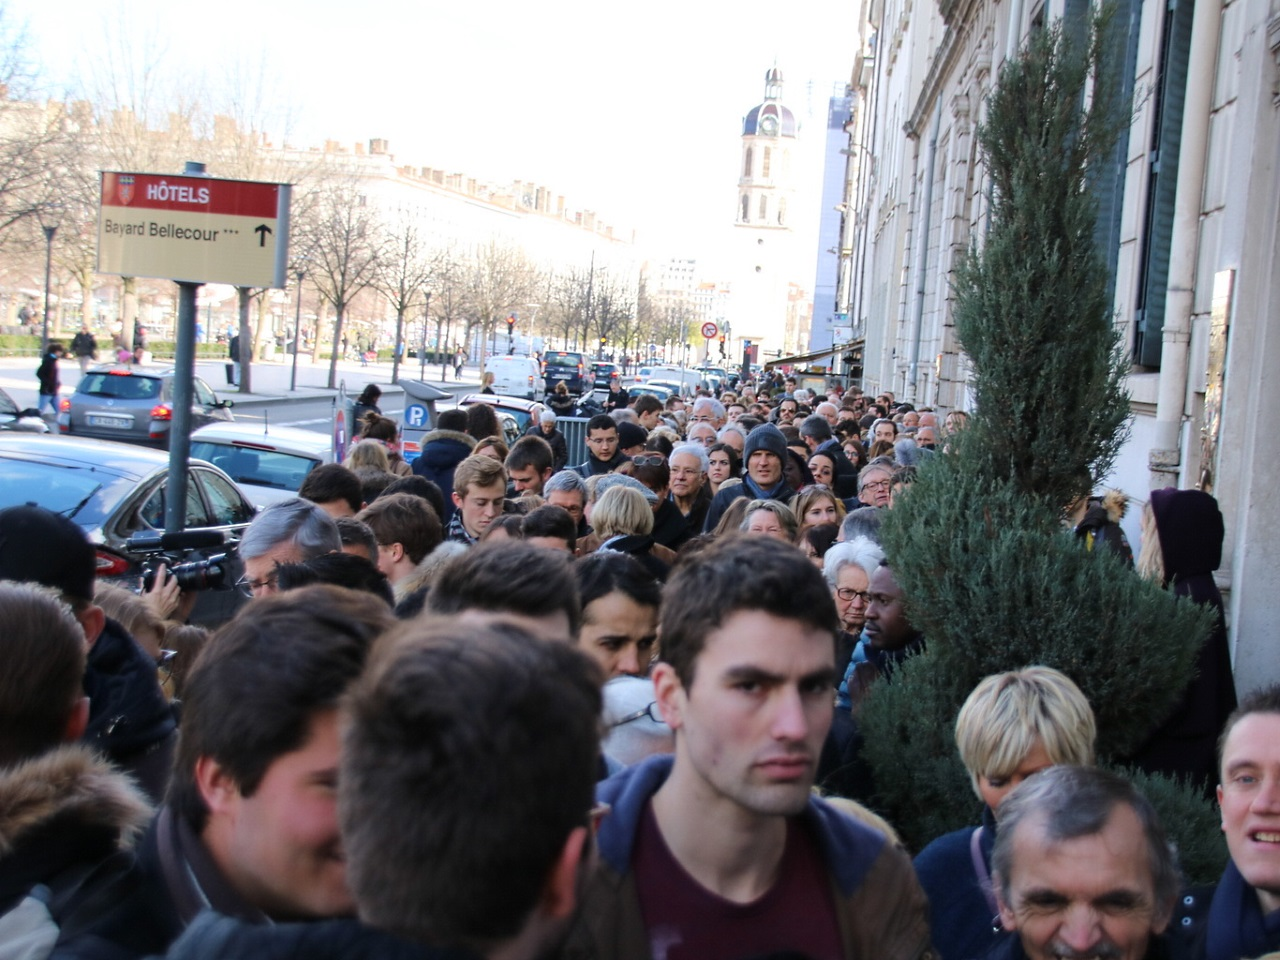 La longue file d'attente - LyonMag